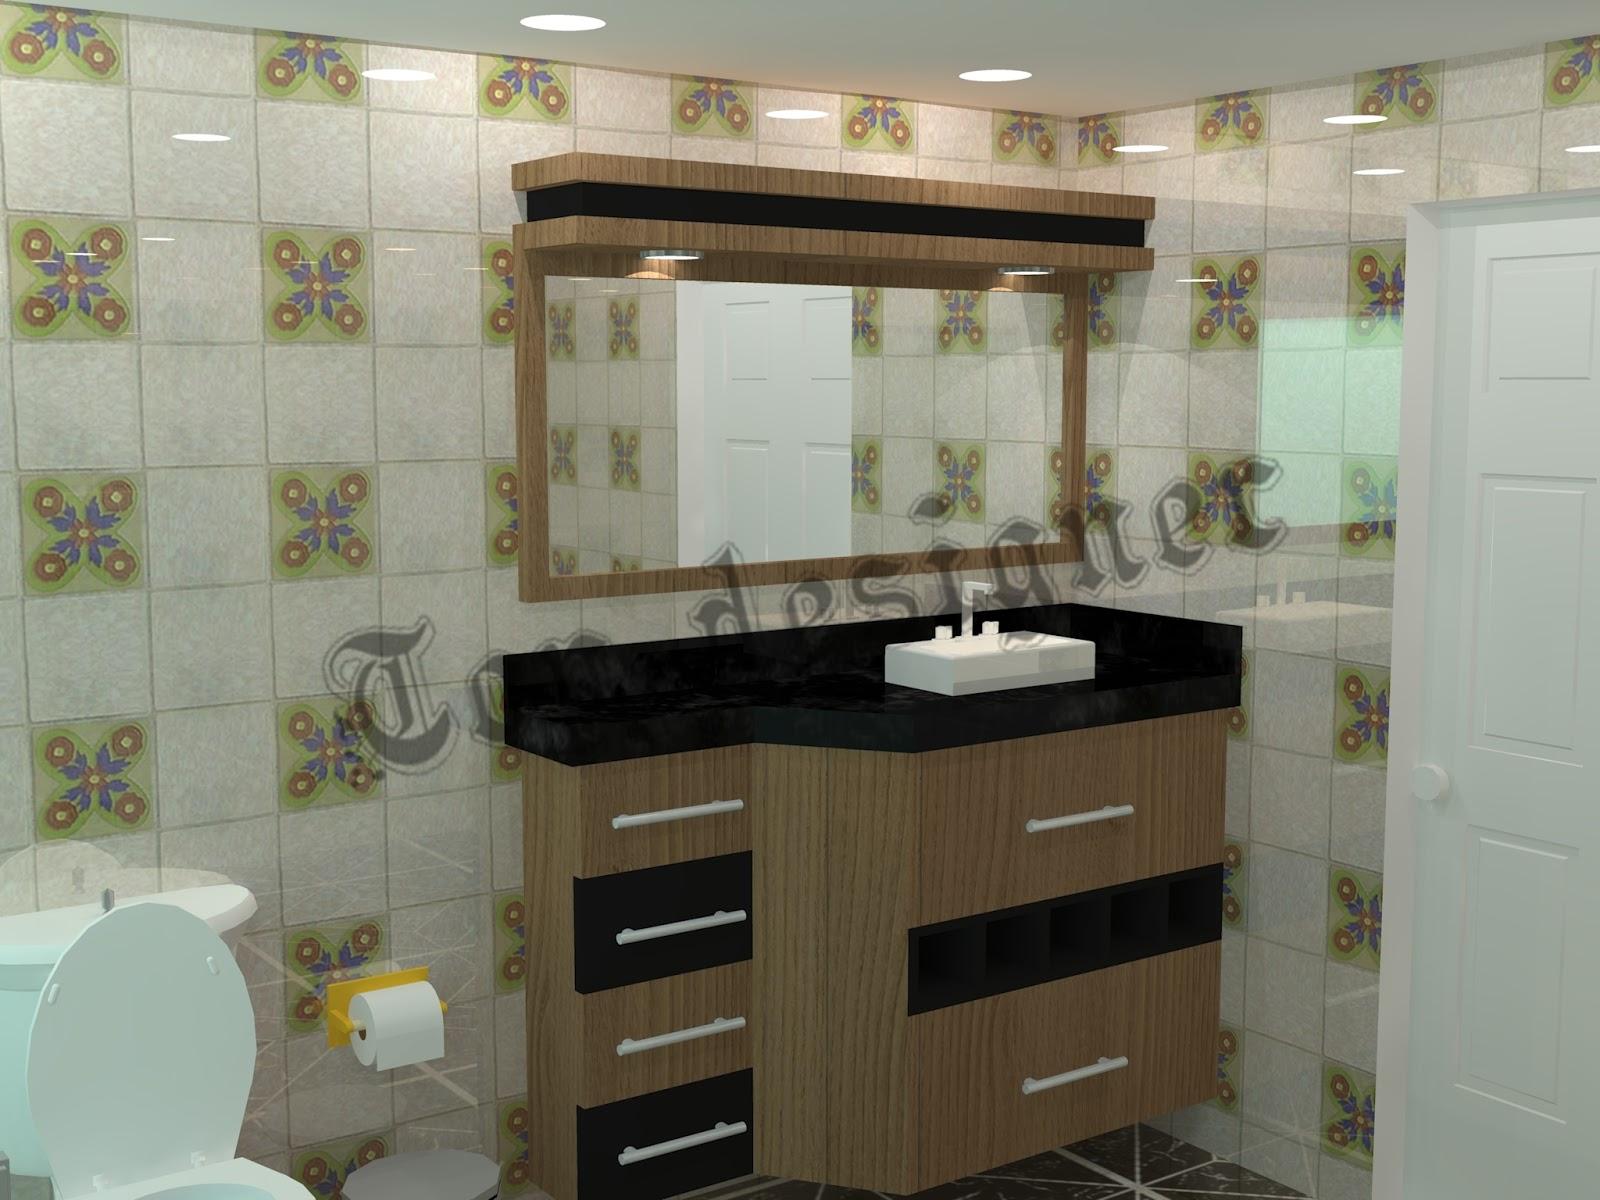 Balcão de banheiro com porta toalha #5B4C34 1600x1200 Banheiro Com Balcao